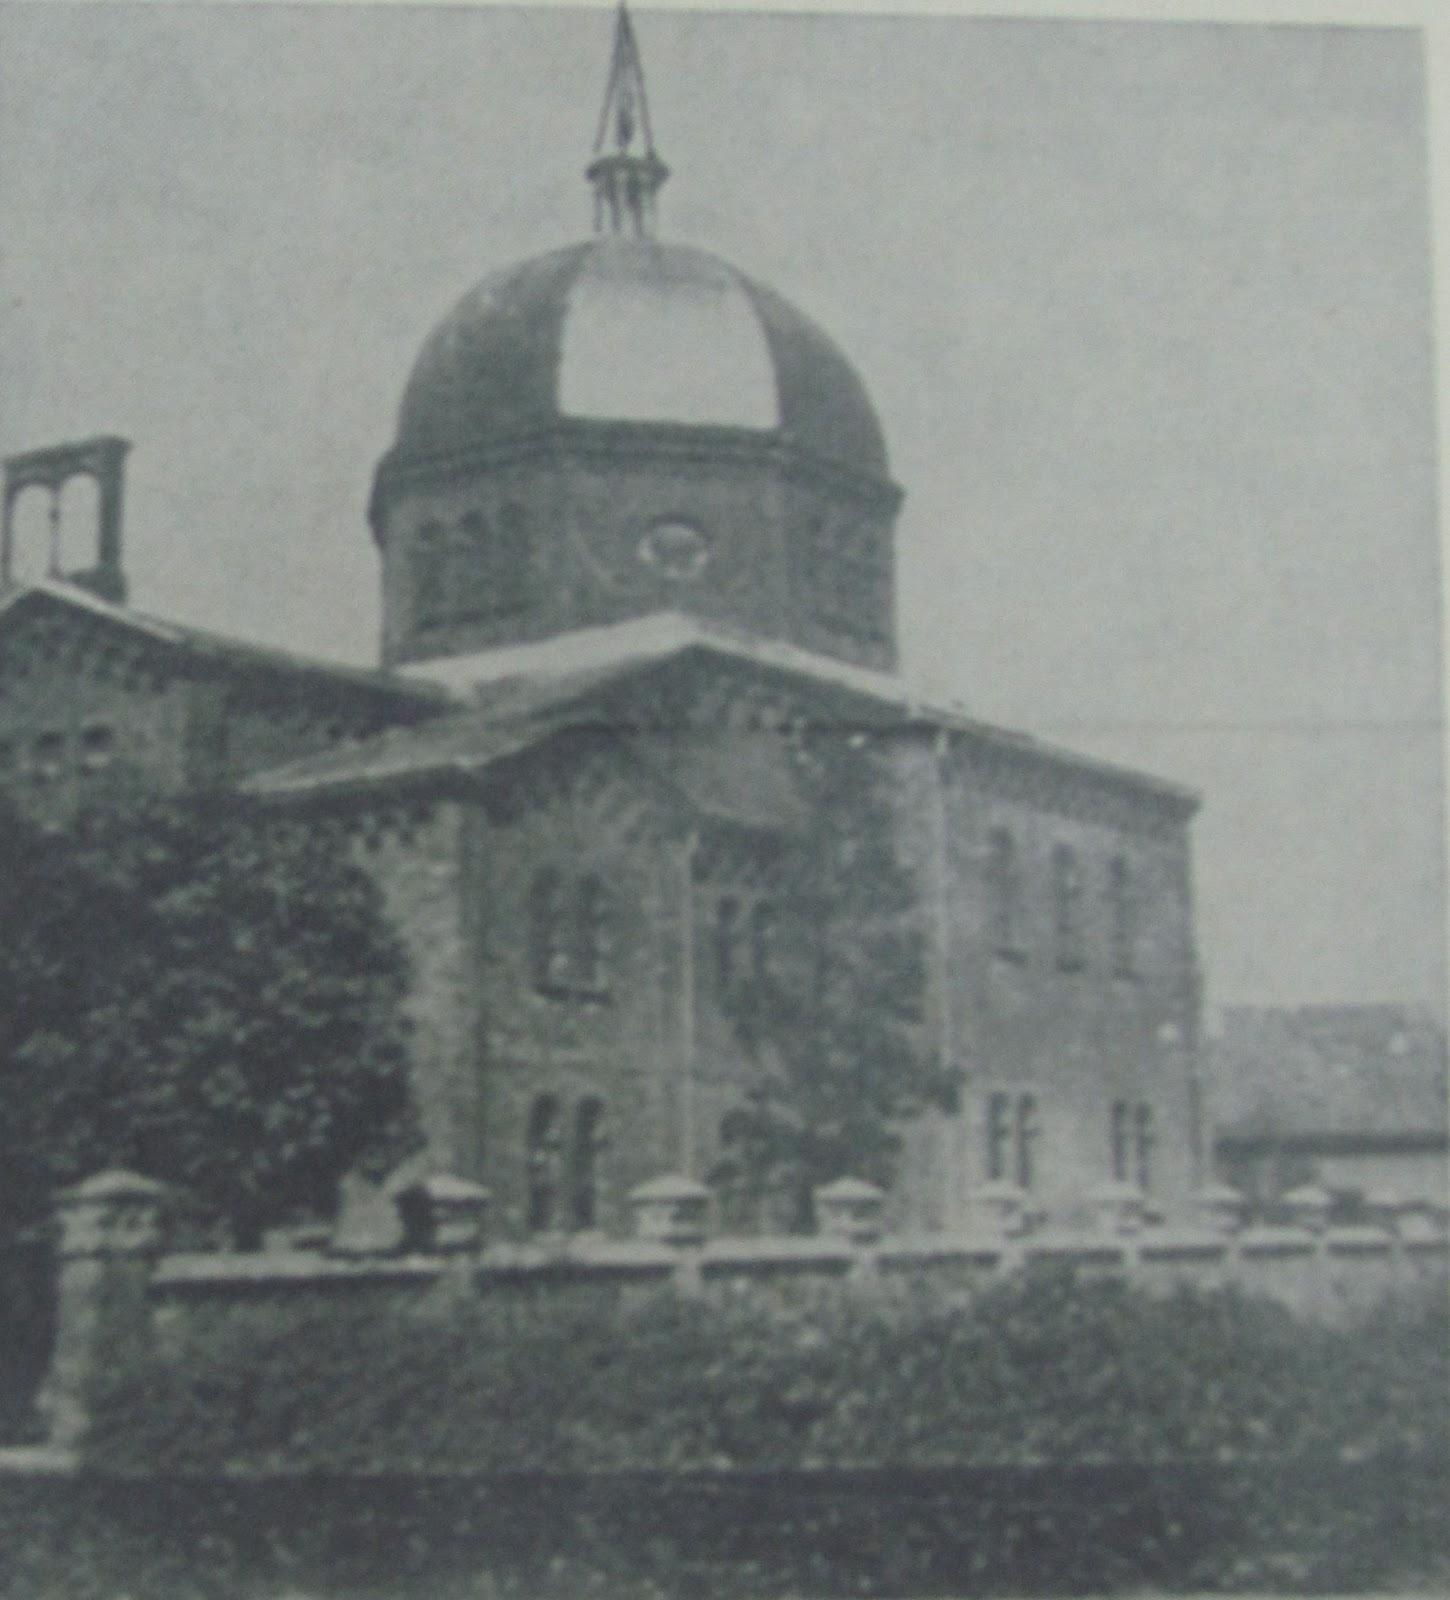 בית הכנסת בעיר לער בגרמניה